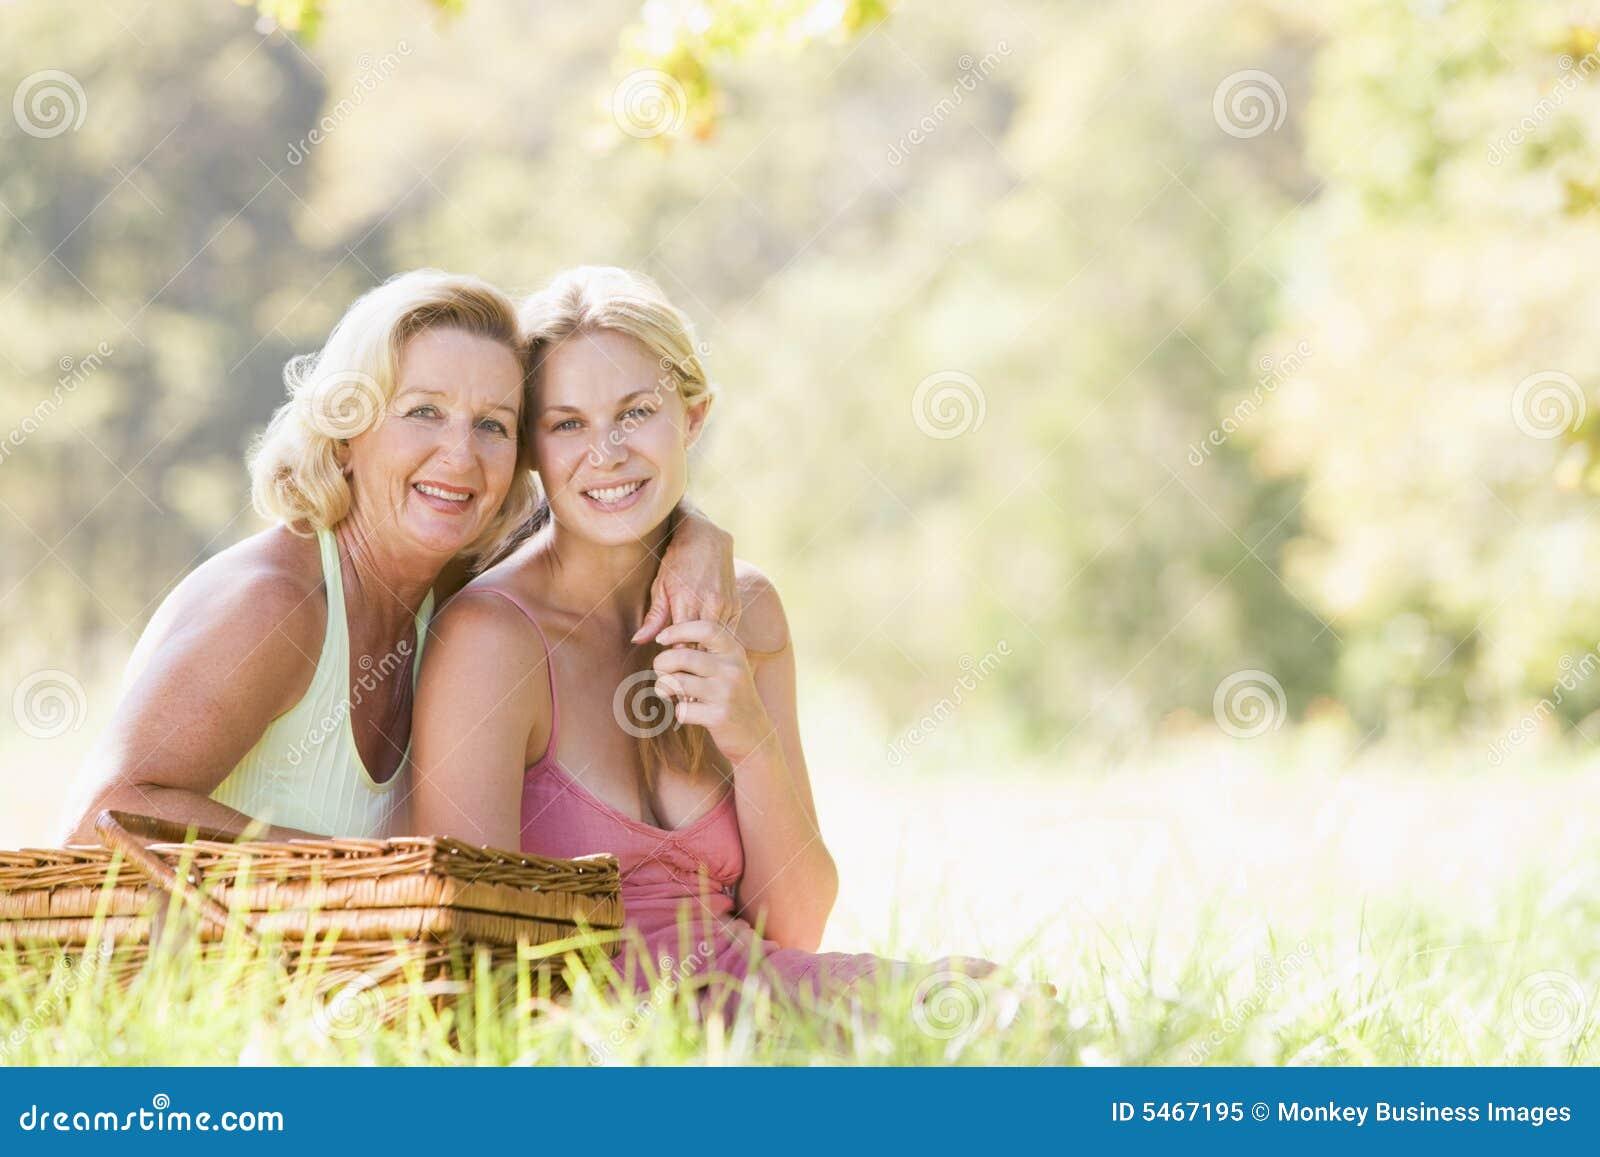 С мамочками на пикнике 16 фотография